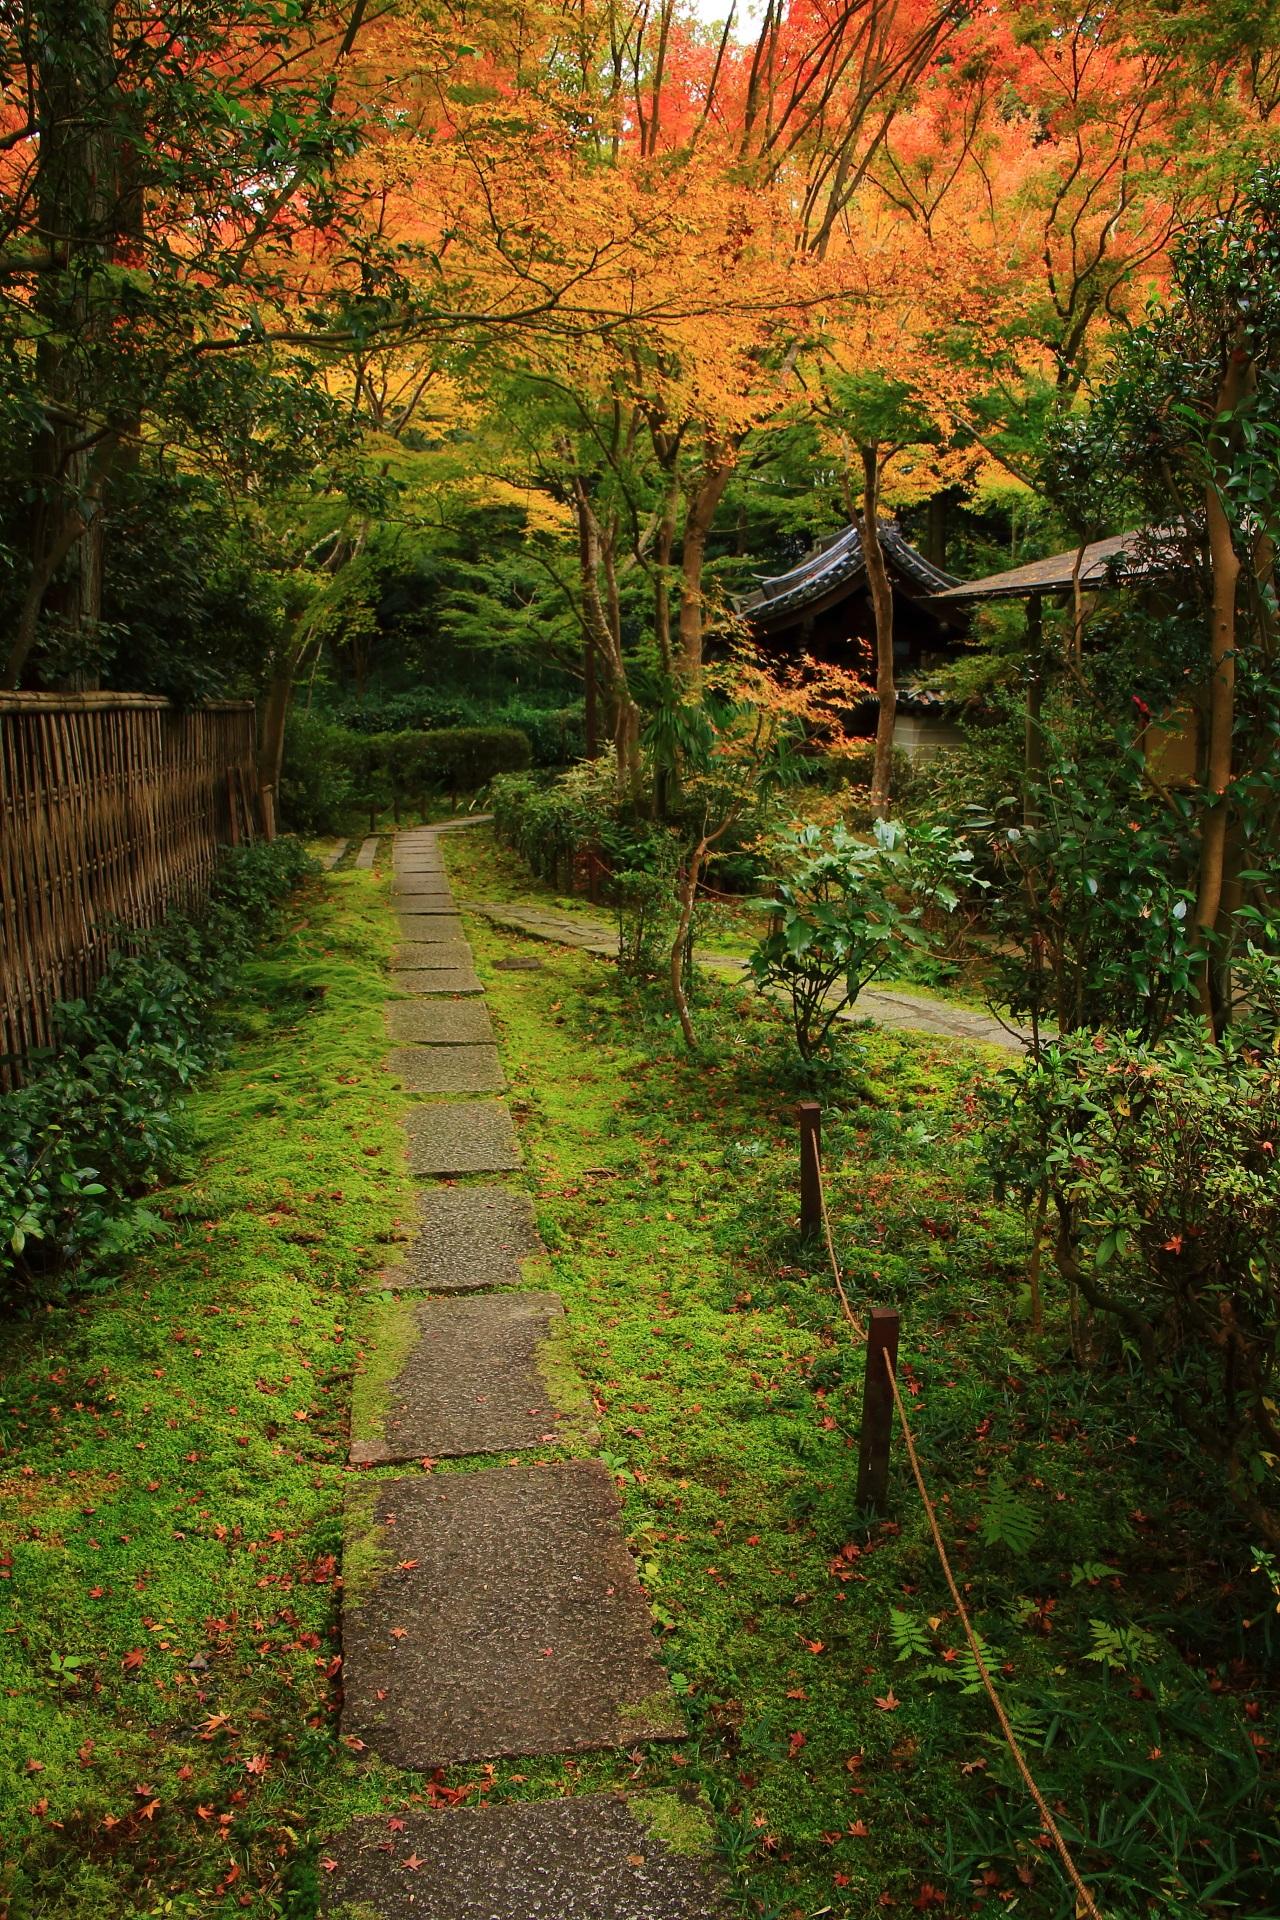 来迎院の茶庭である含翆庭(がんすいてい)へ続く苔と紅葉に覆われた趣きある参道